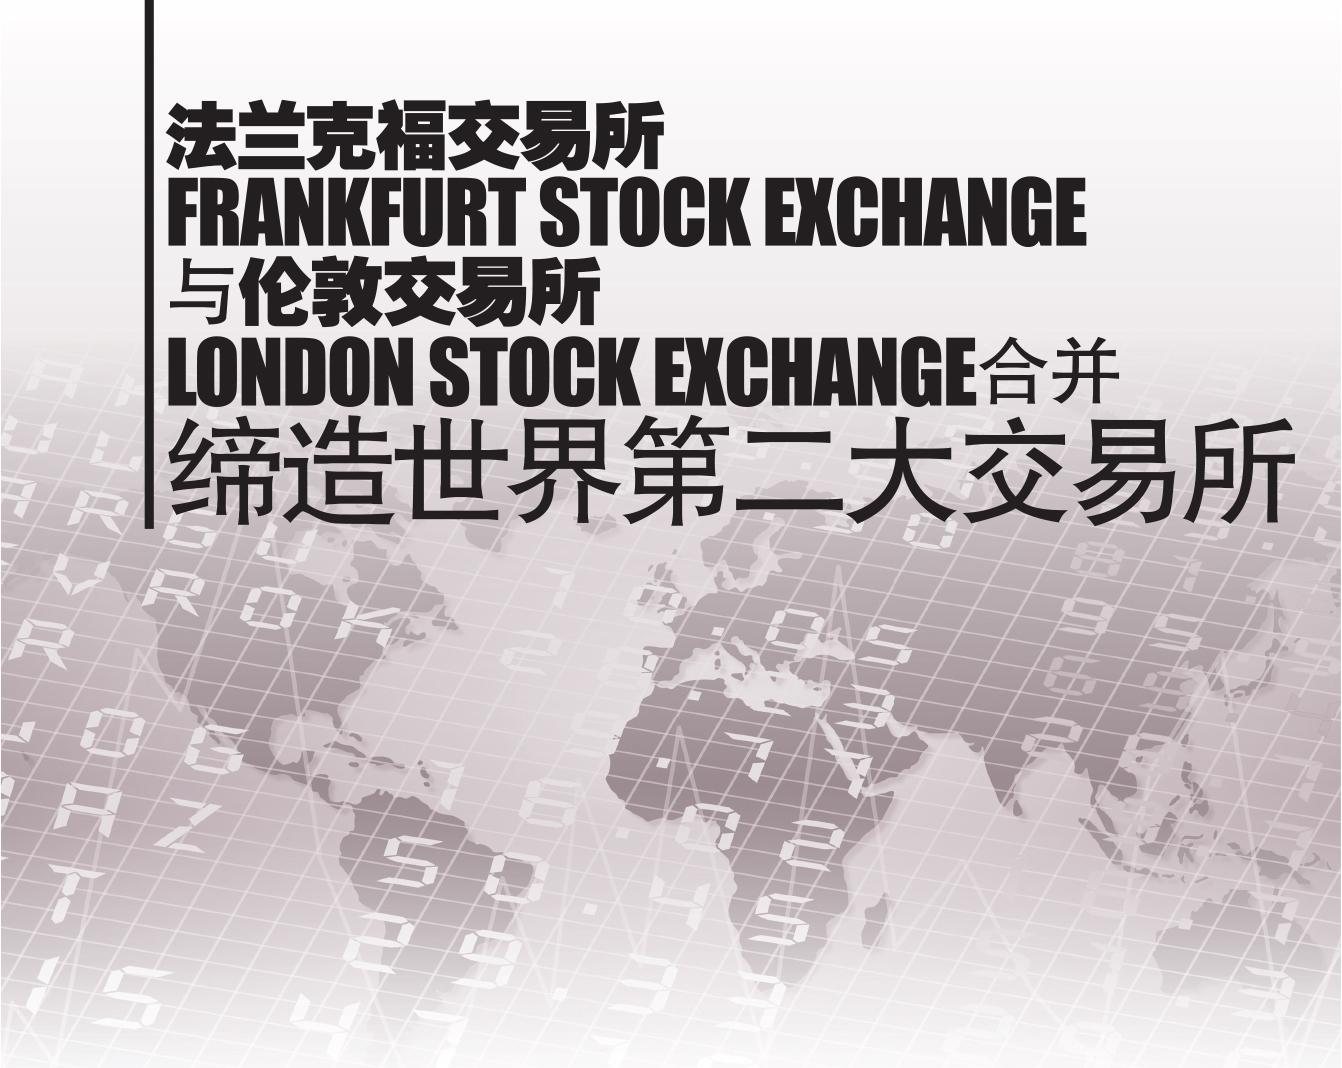 法兰克福交易所(Frankfurt Stock Exchange) 与伦敦交易所(London Stock Exchange)合并 缔造世界第二大交易所